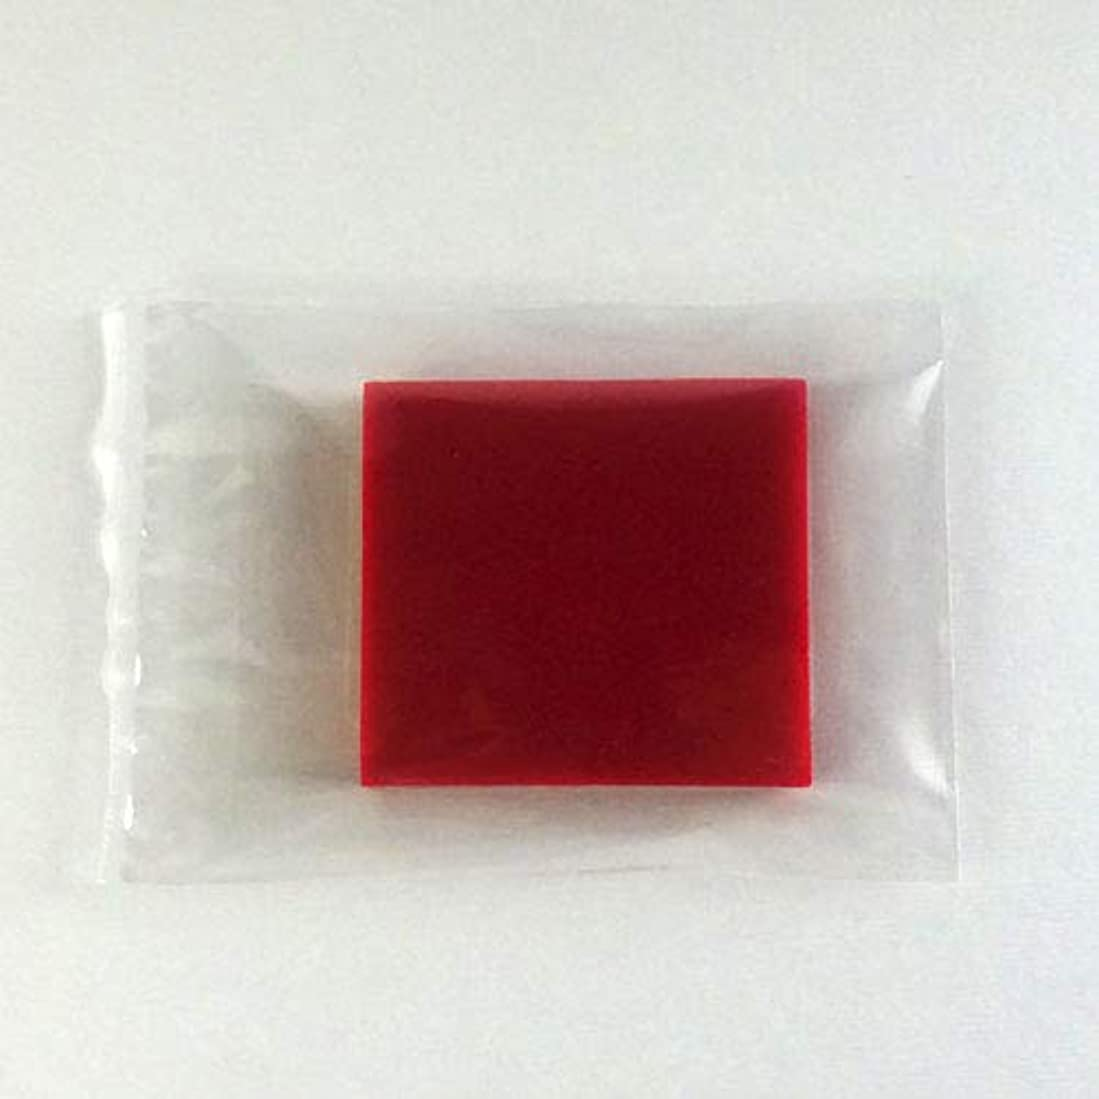 困惑悩む重荷グリセリンソープ MPソープ 色チップ 赤(レッド) 30g